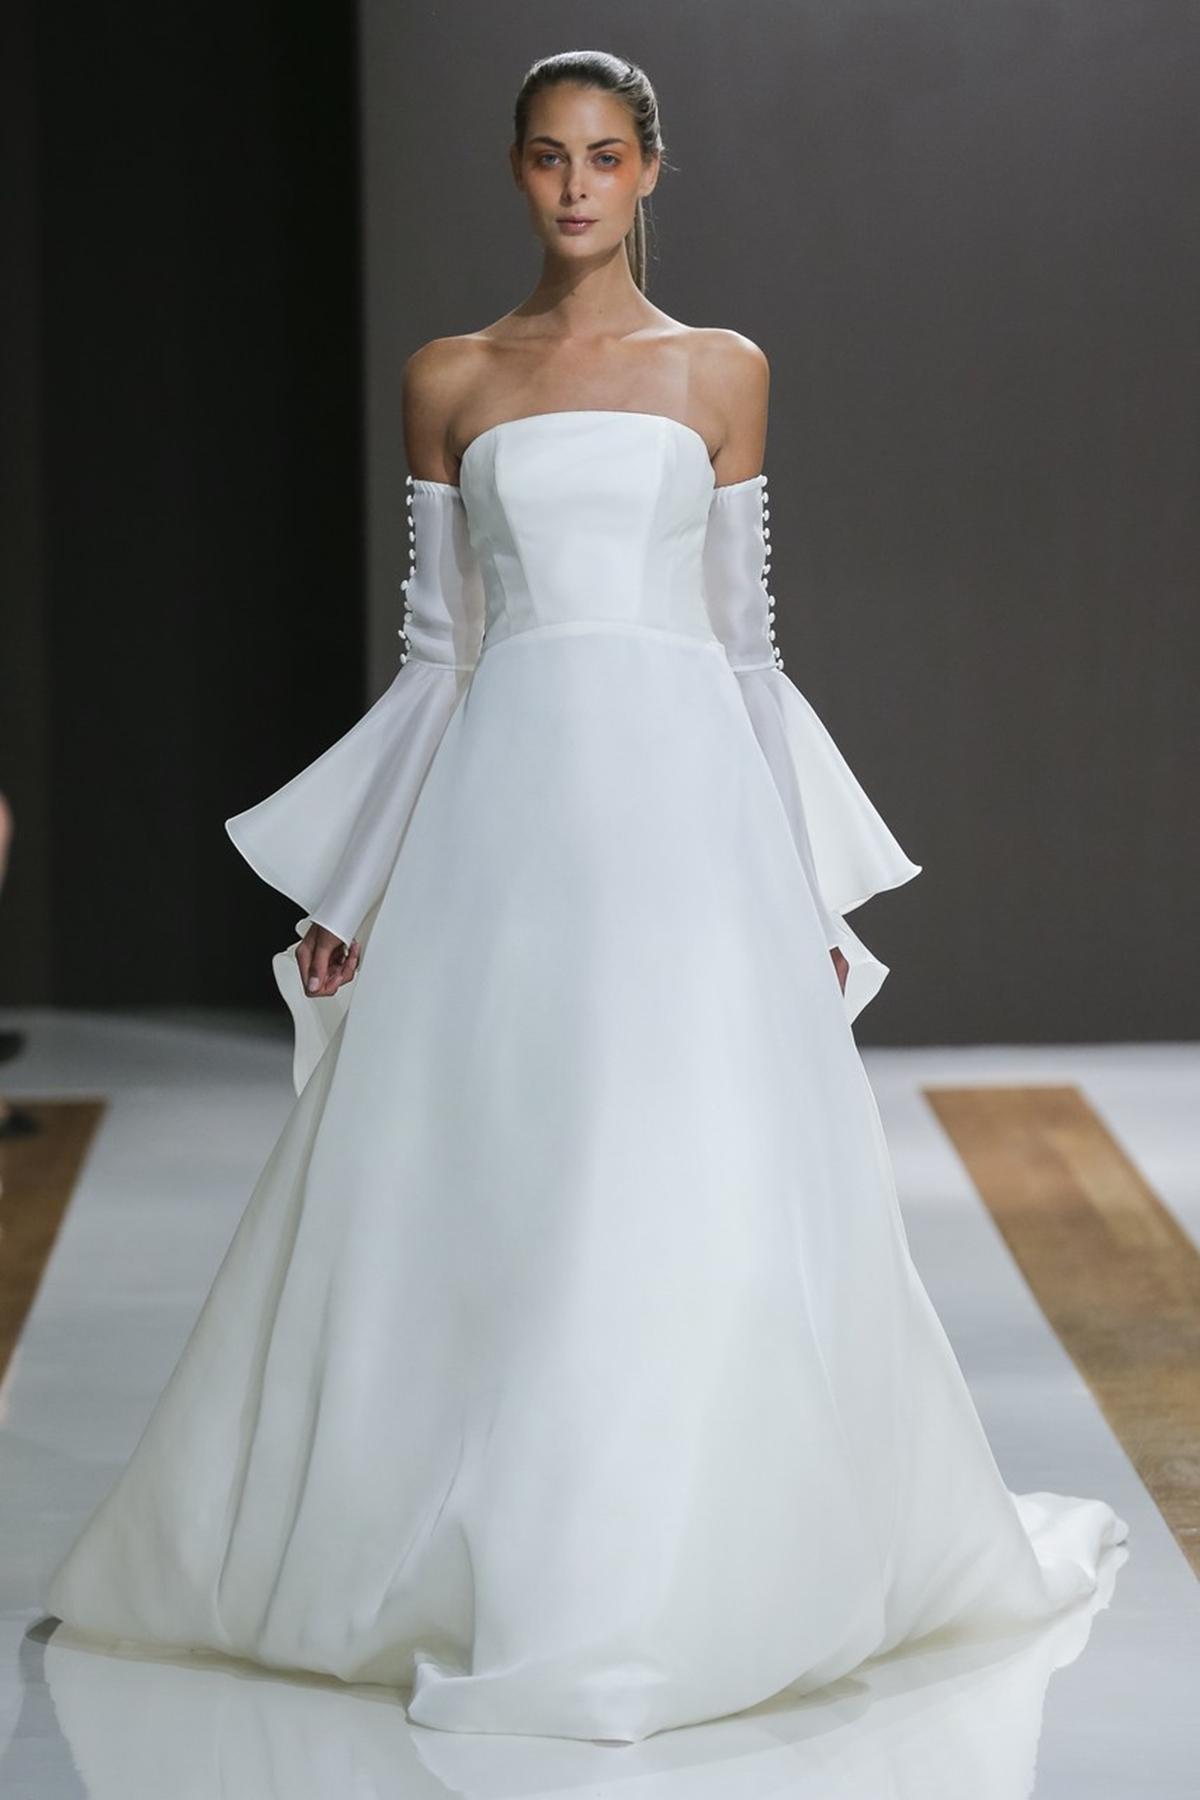 10 wedding dress trends of Bridal Fashion Week | The Wedding Tales